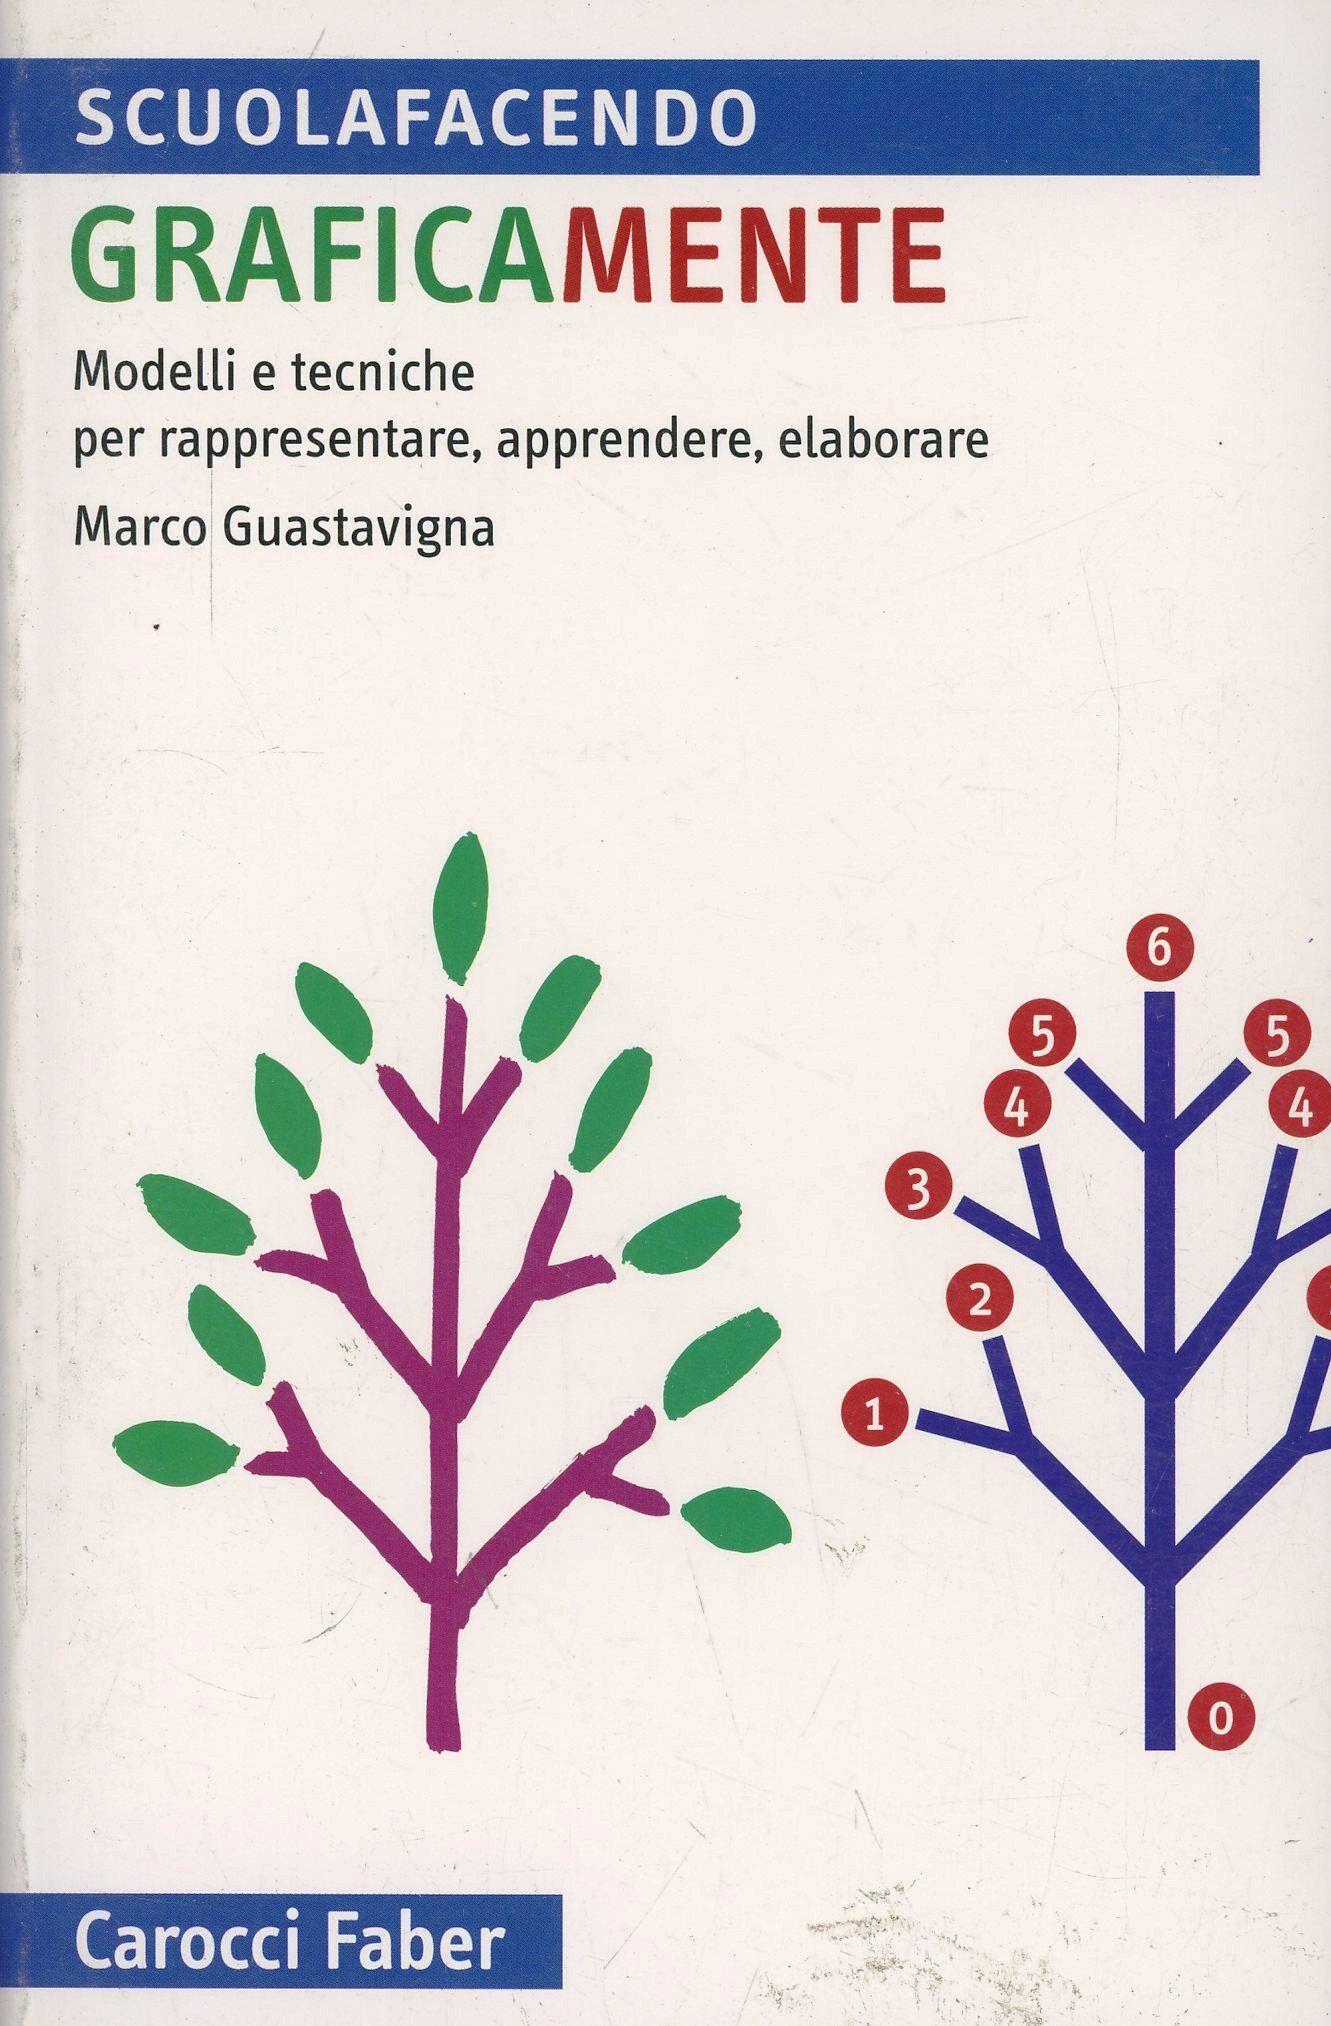 Graficamente. Modelli e tecniche per rappresentare, apprendere, elaborare